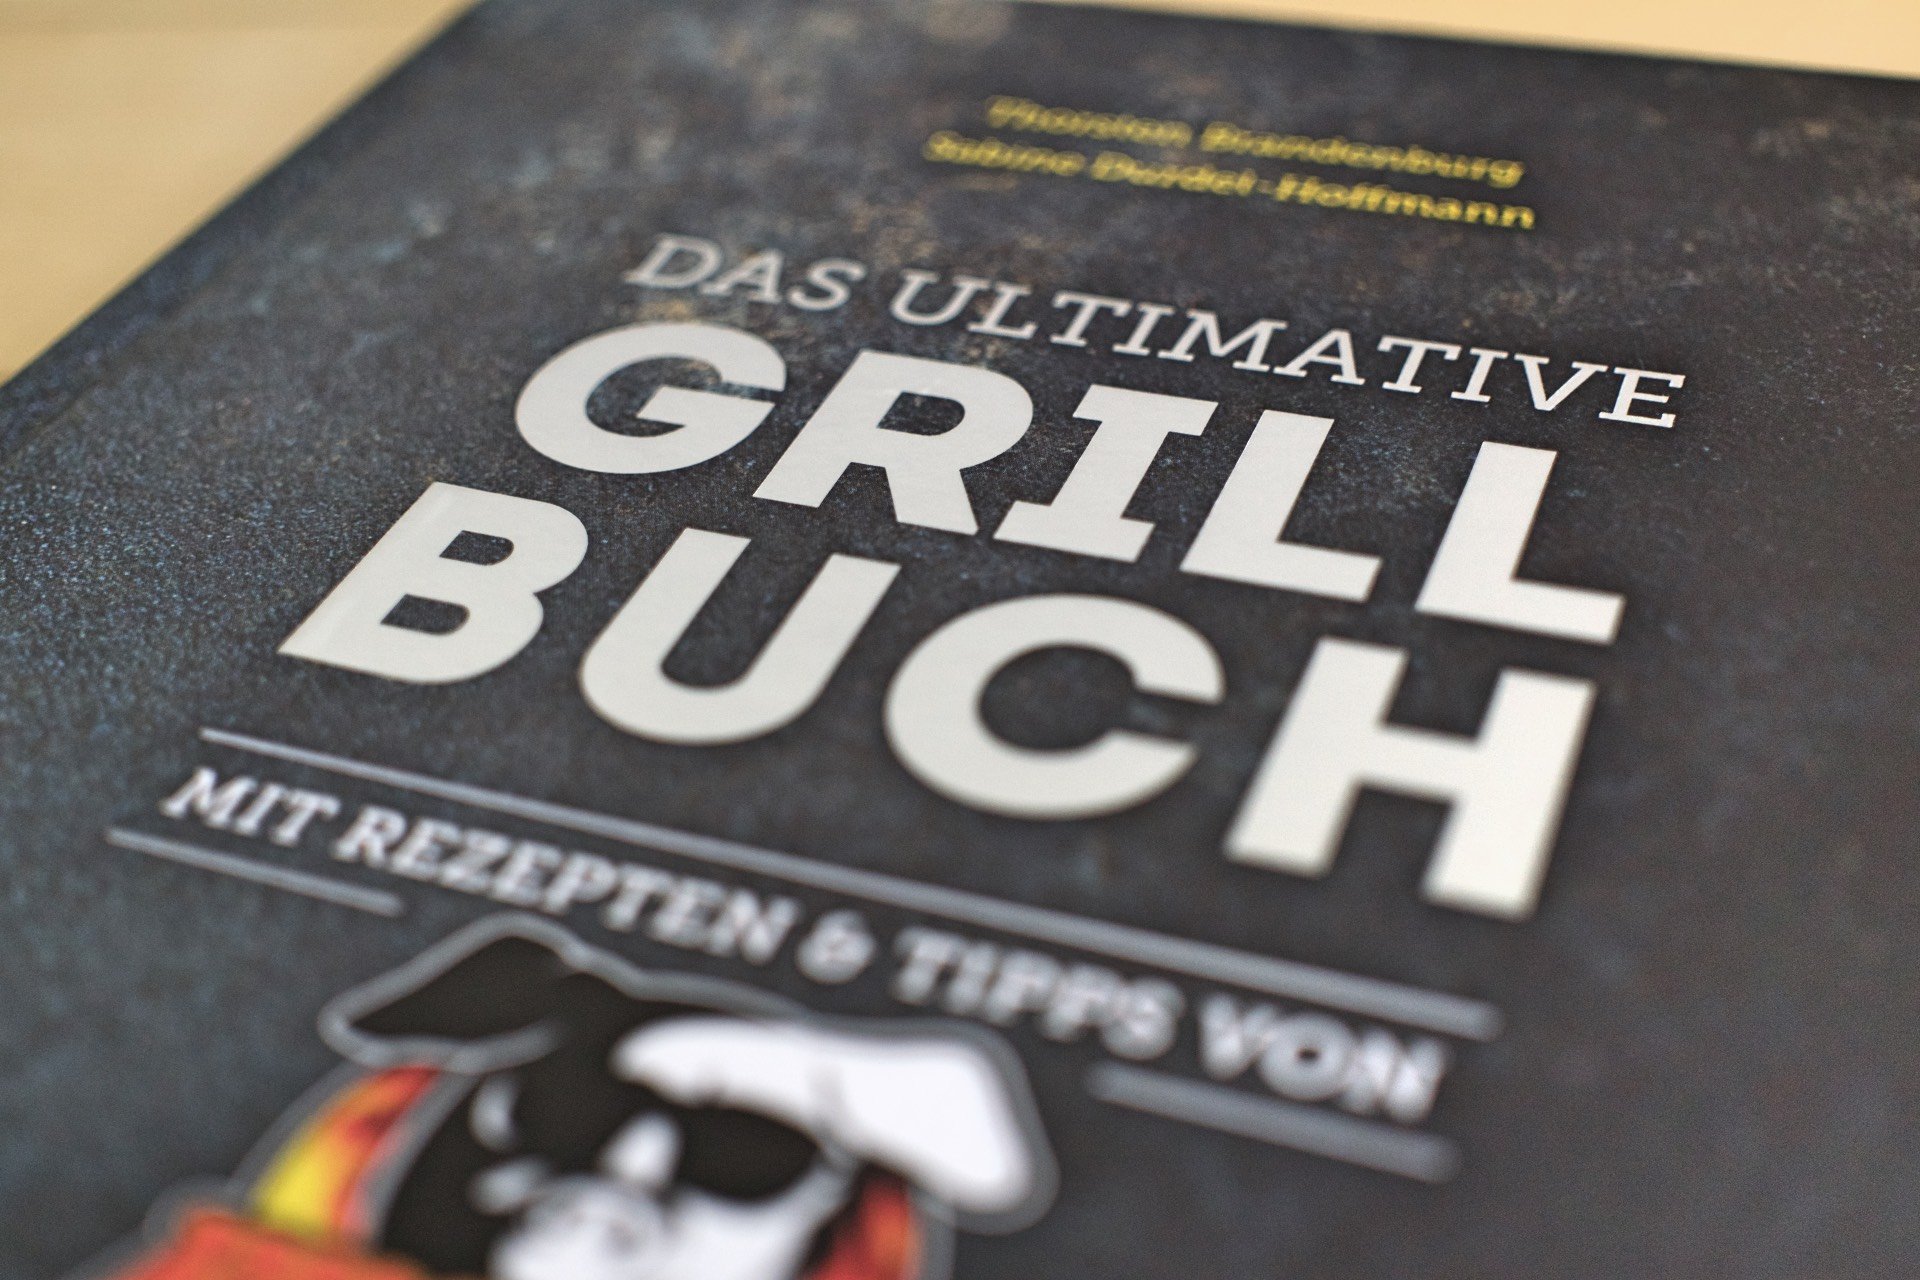 Das Ultimative Grillbuch - die Ablösung der Weber Grillbibel?